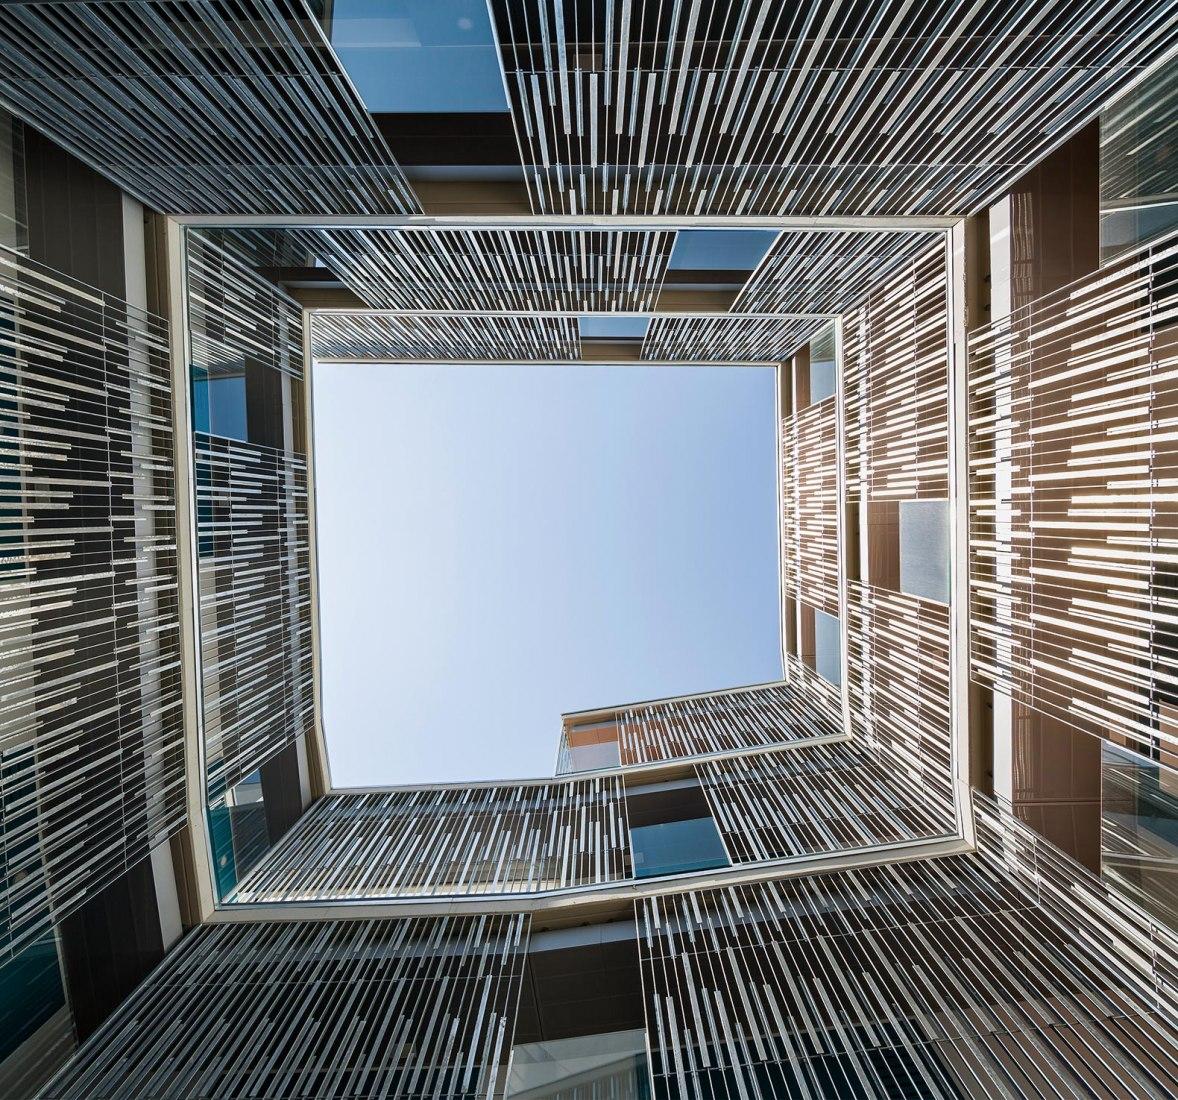 Edificio de Viviendas sociales en Can Batlló por Espinet/Ubach. Fotografía por Pedro Pegenaute